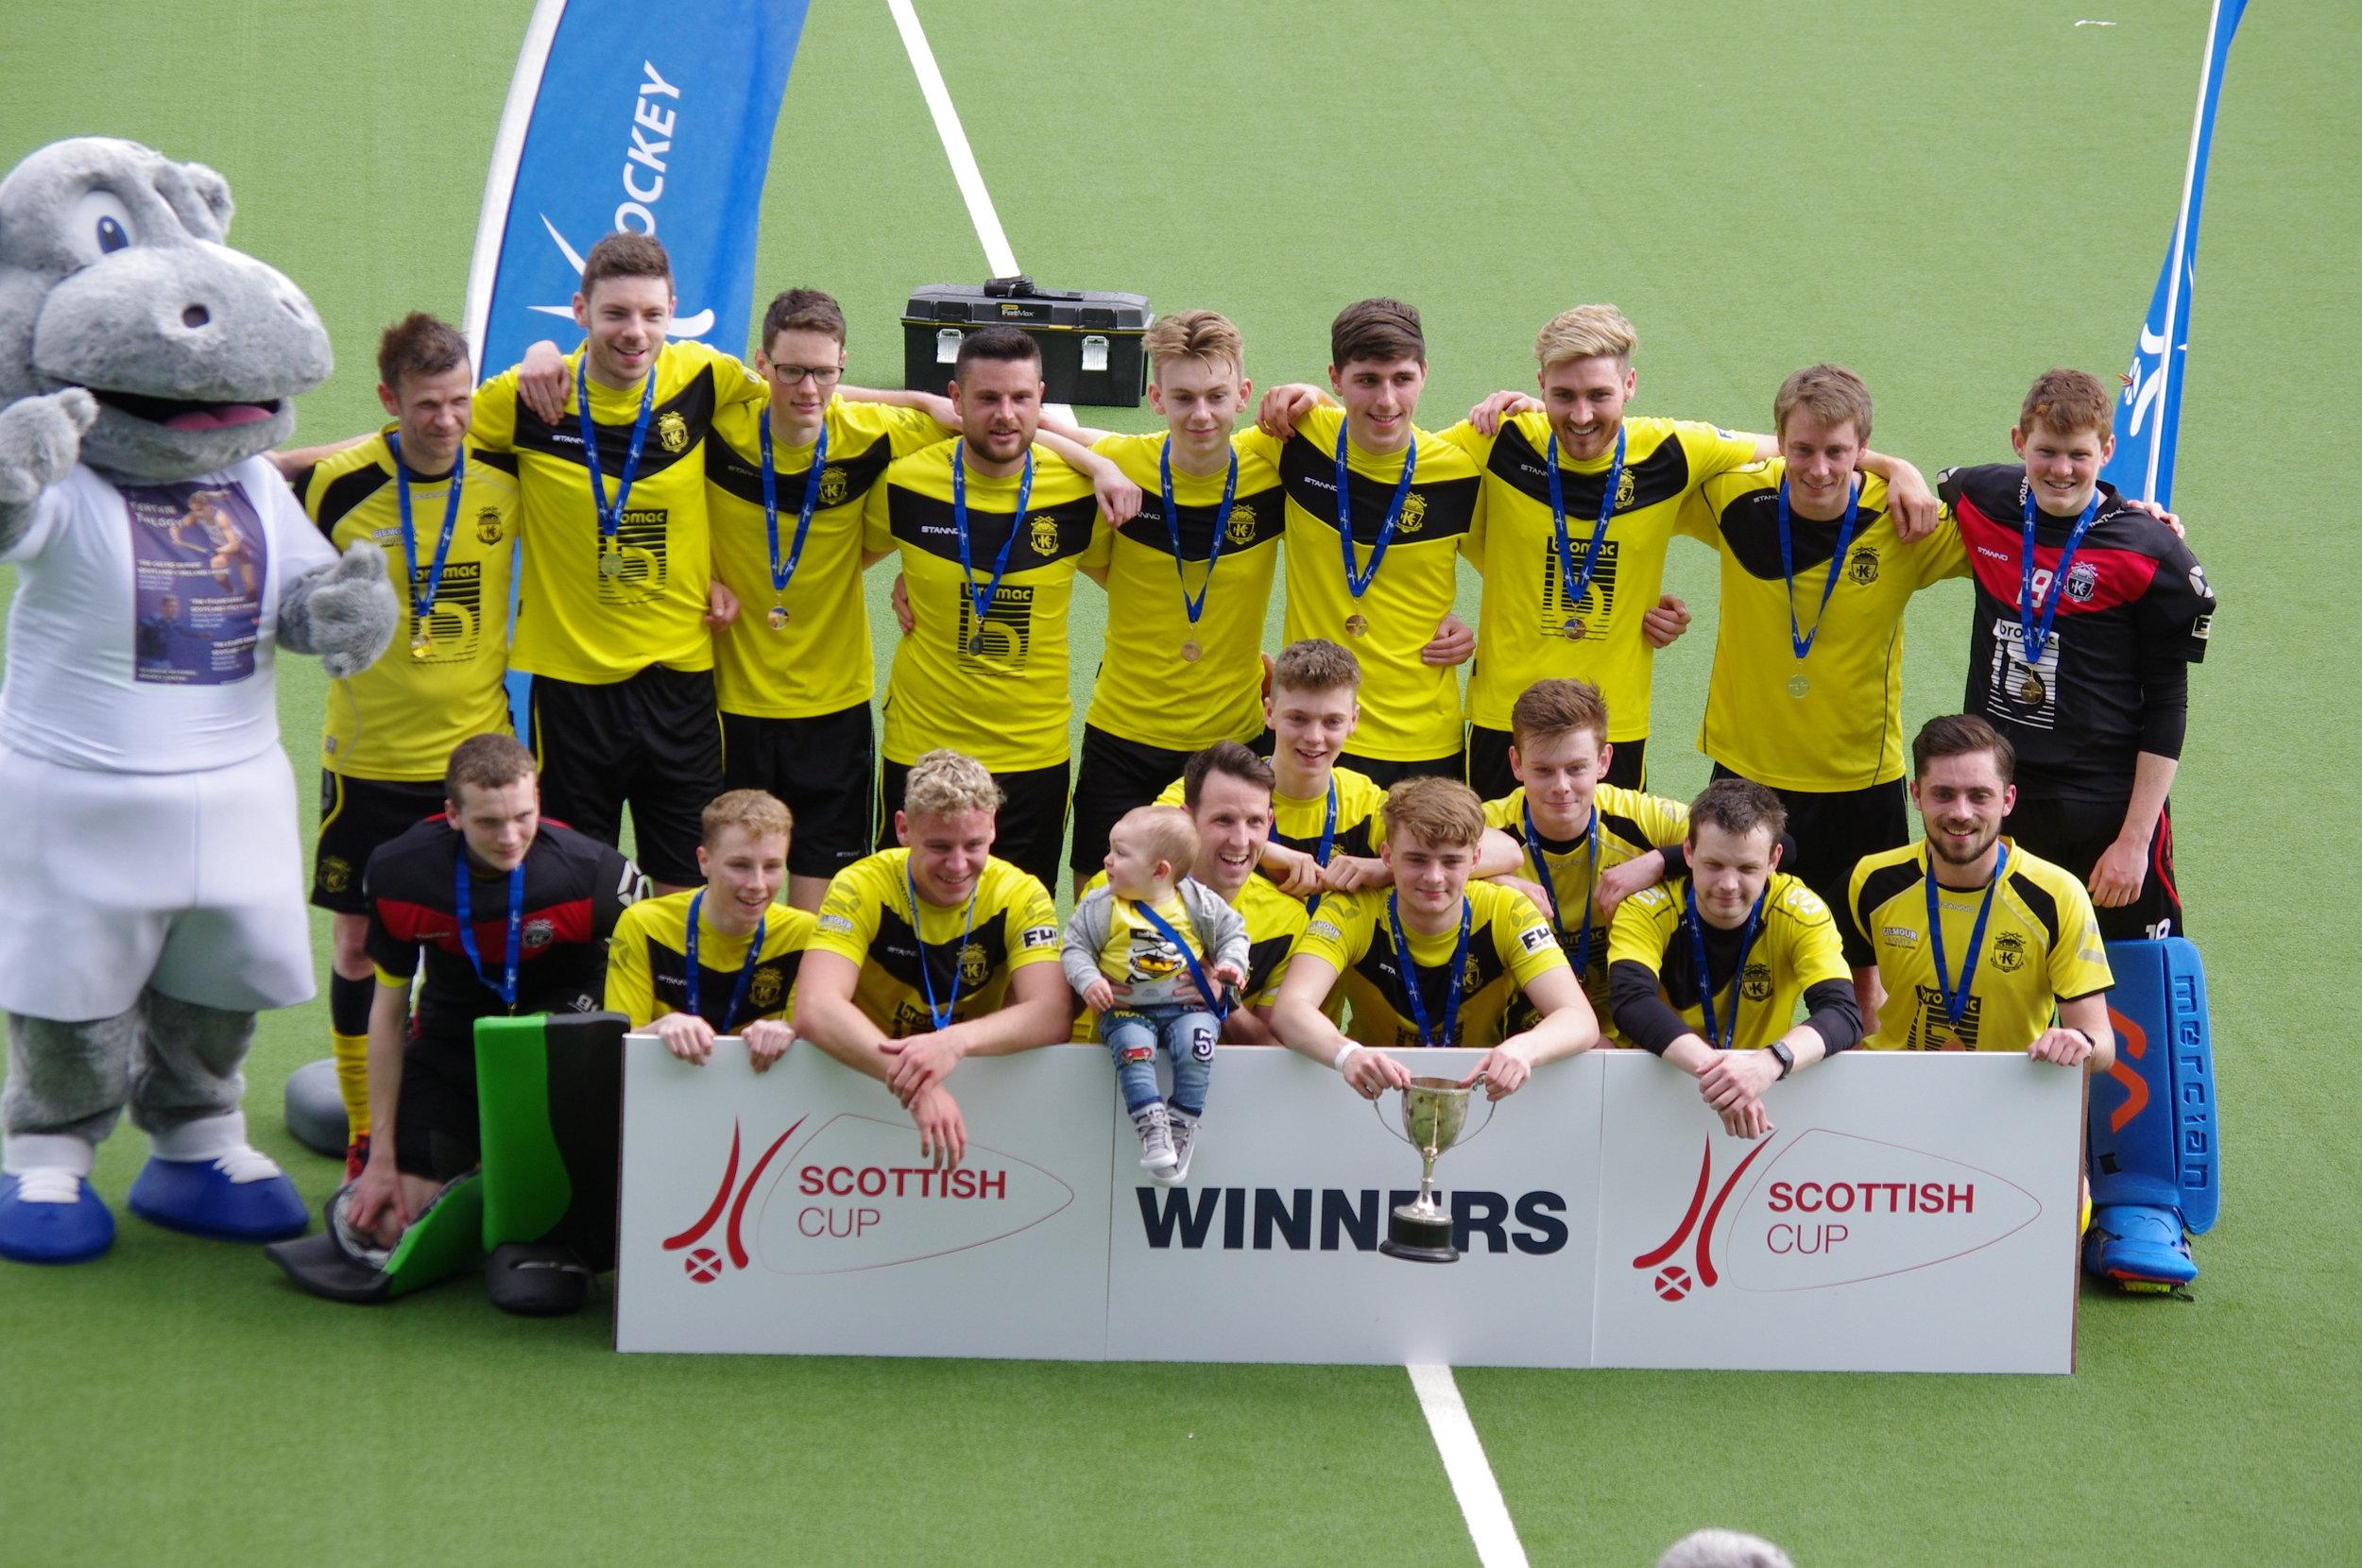 Scot_CupWin_team.JPG